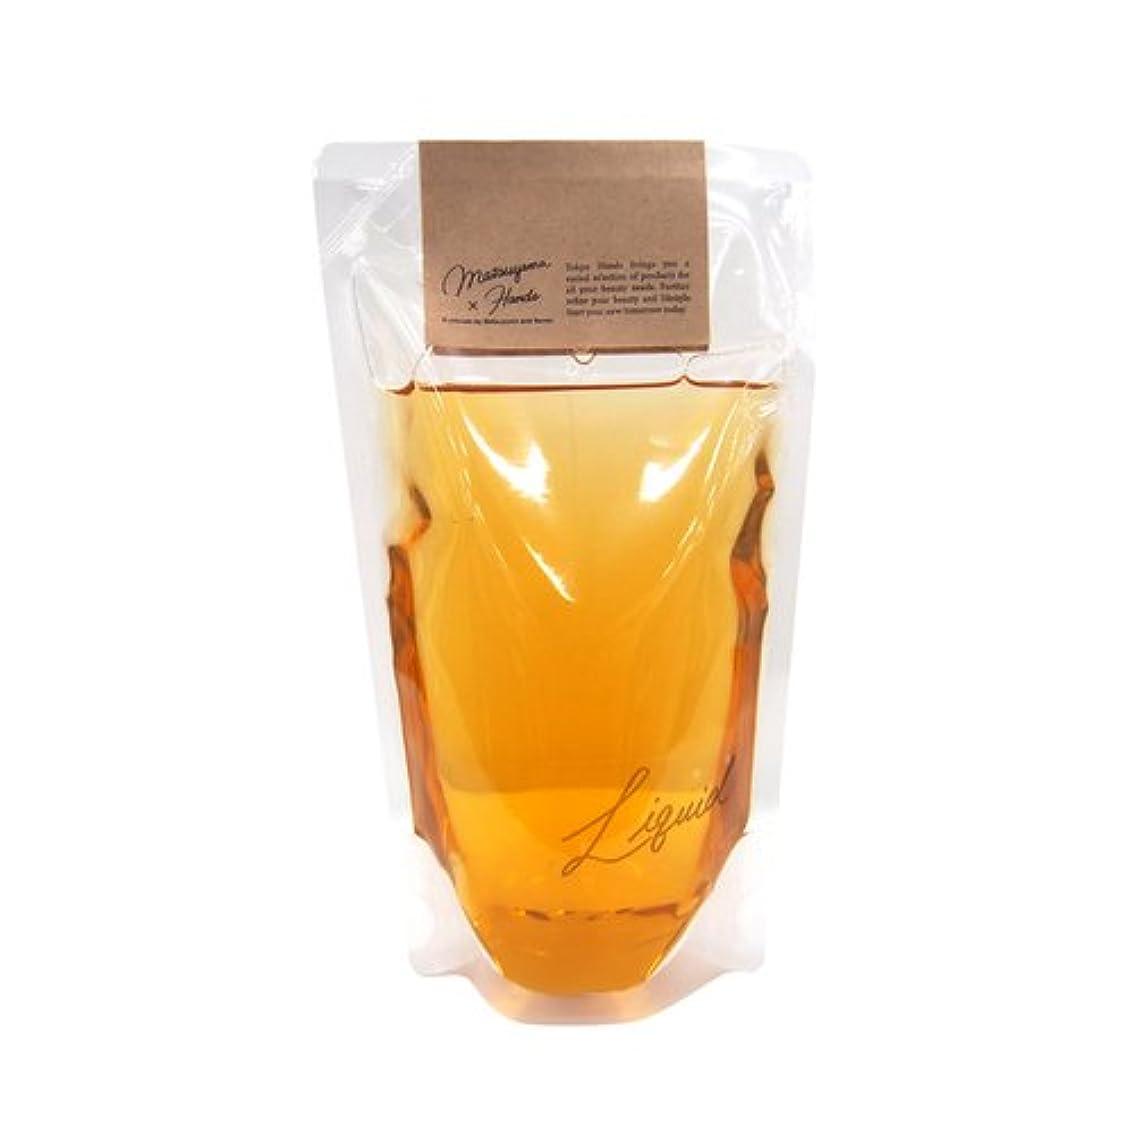 単位そこ安全な松山油脂×東急ハンズ モイスチャーリキッドソープ カモミール替 280mL